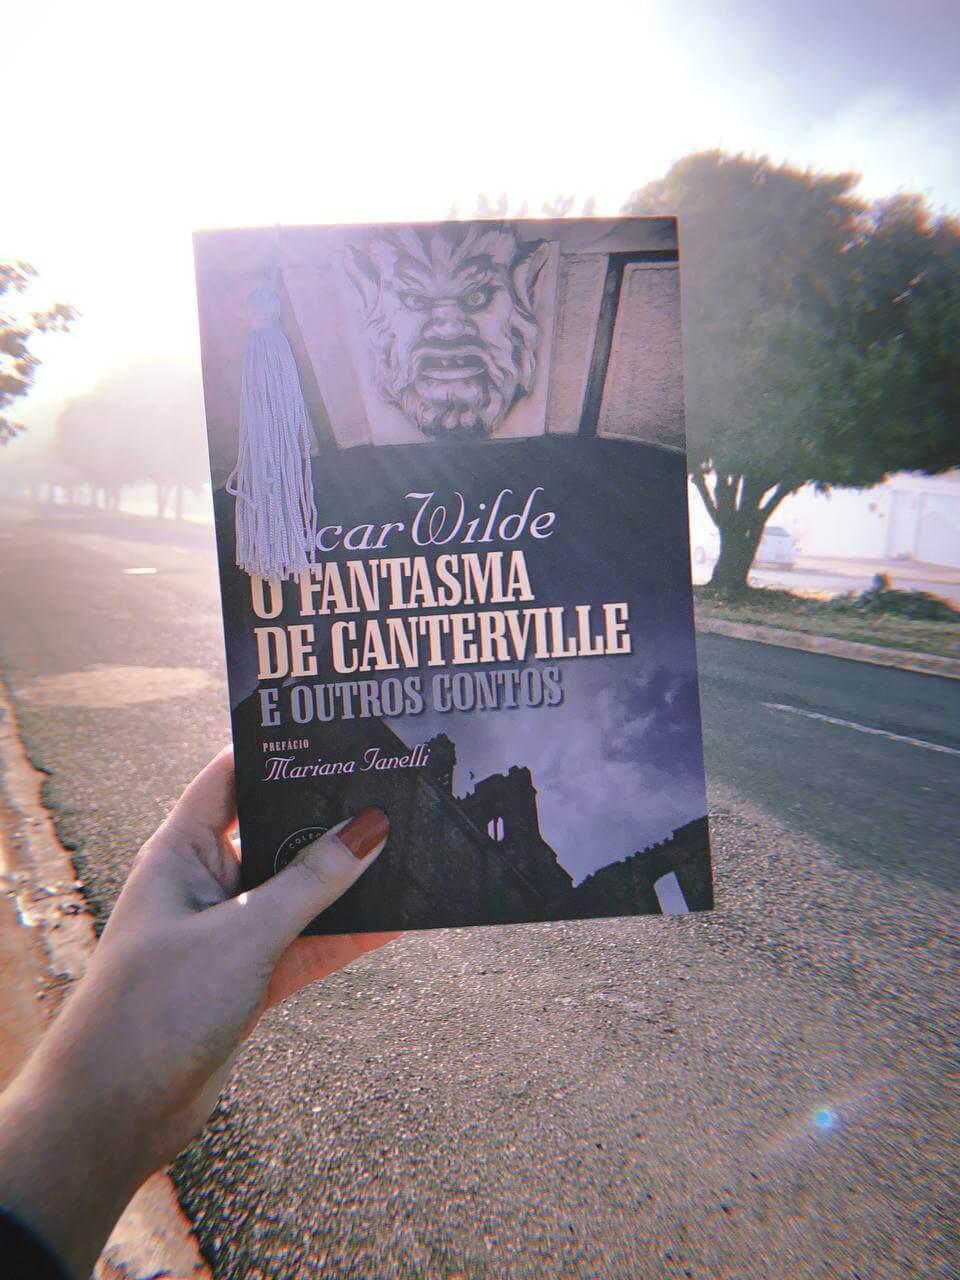 O fantasma de canterville e outros contos de oscar wilde